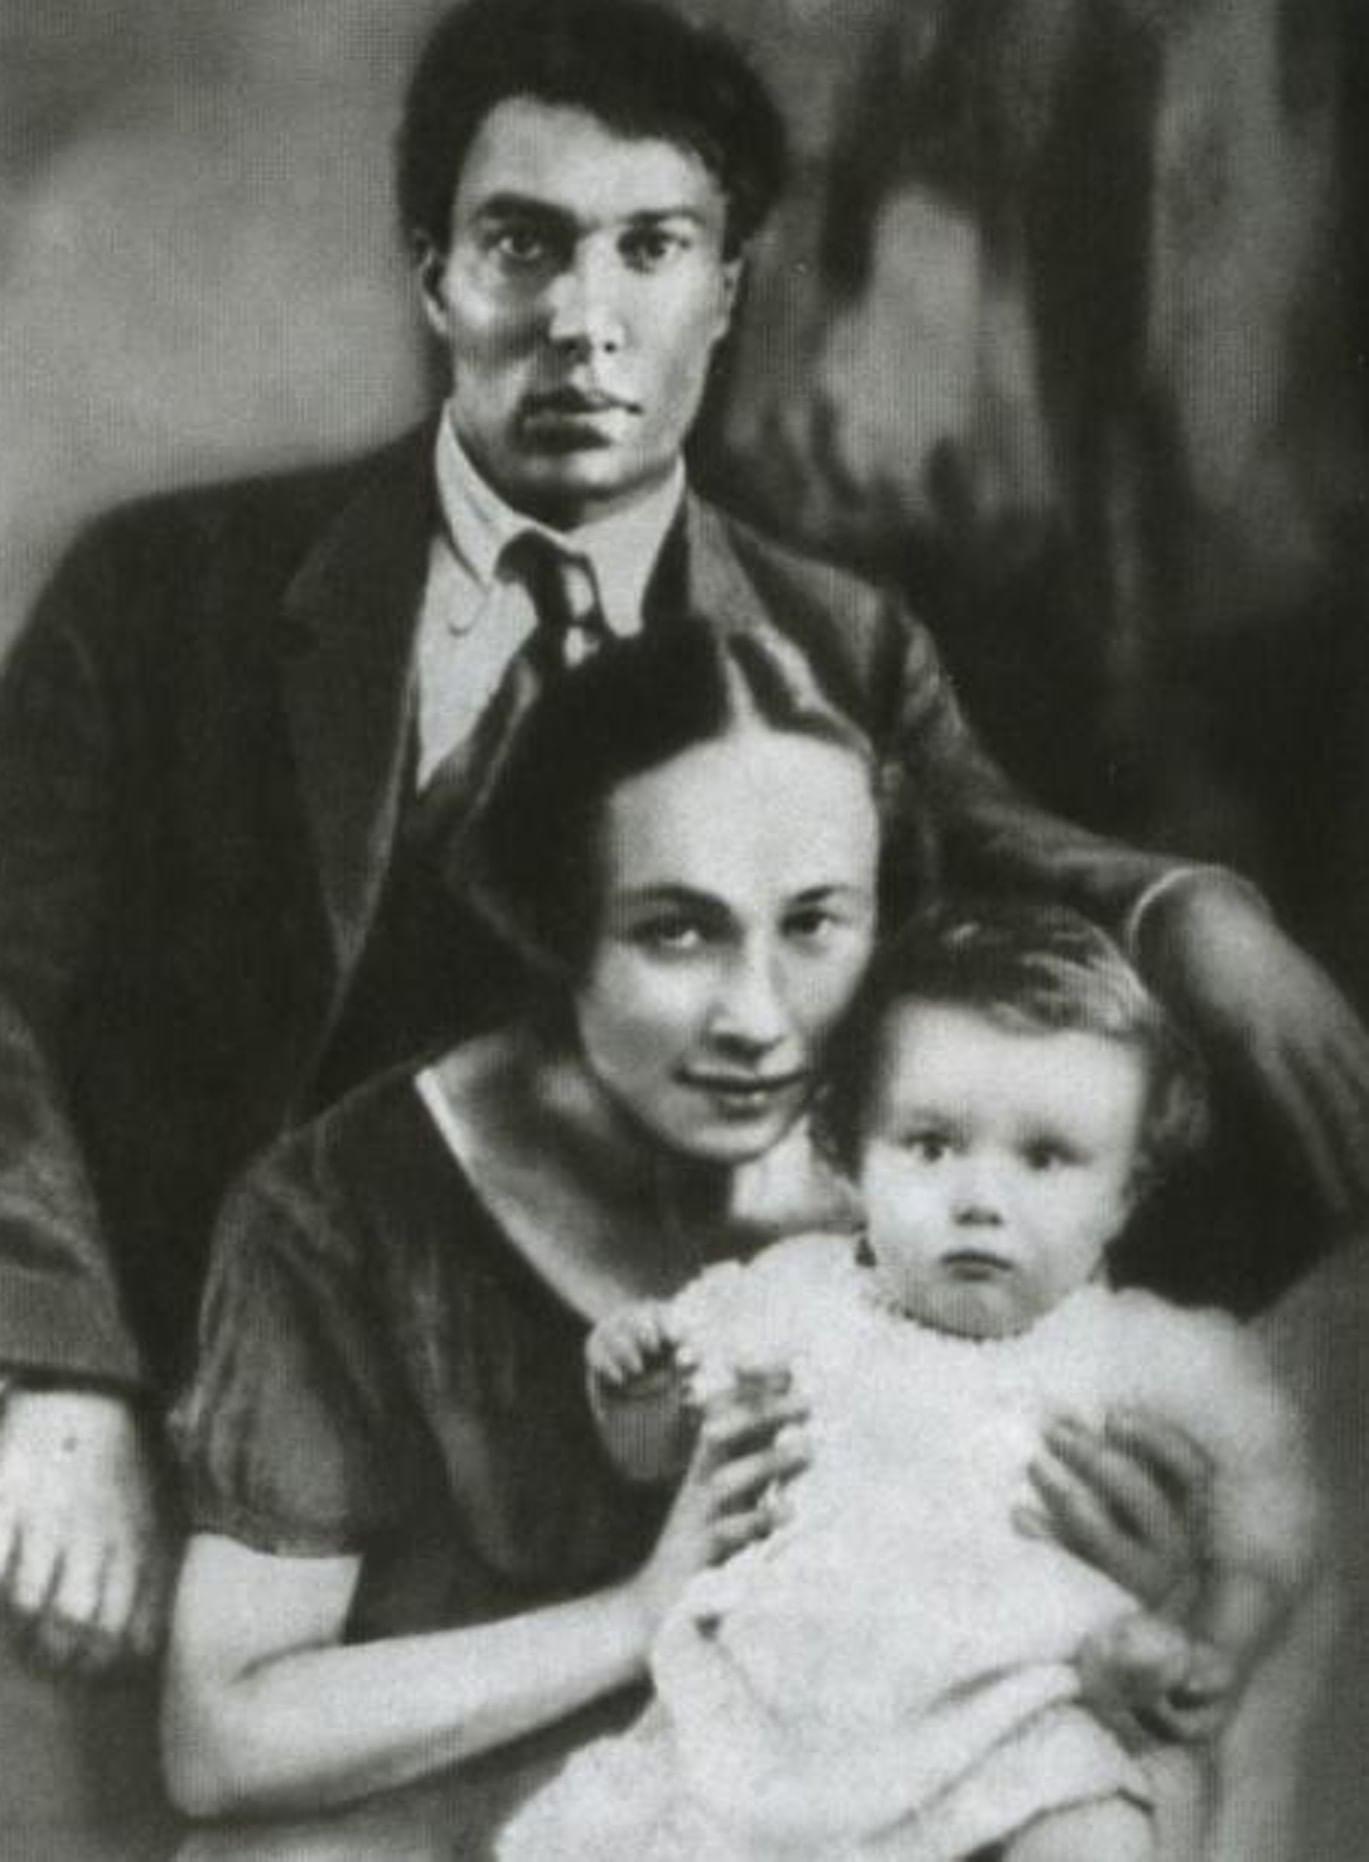 Родители - детям. Галерея 7. Борис Пастернак